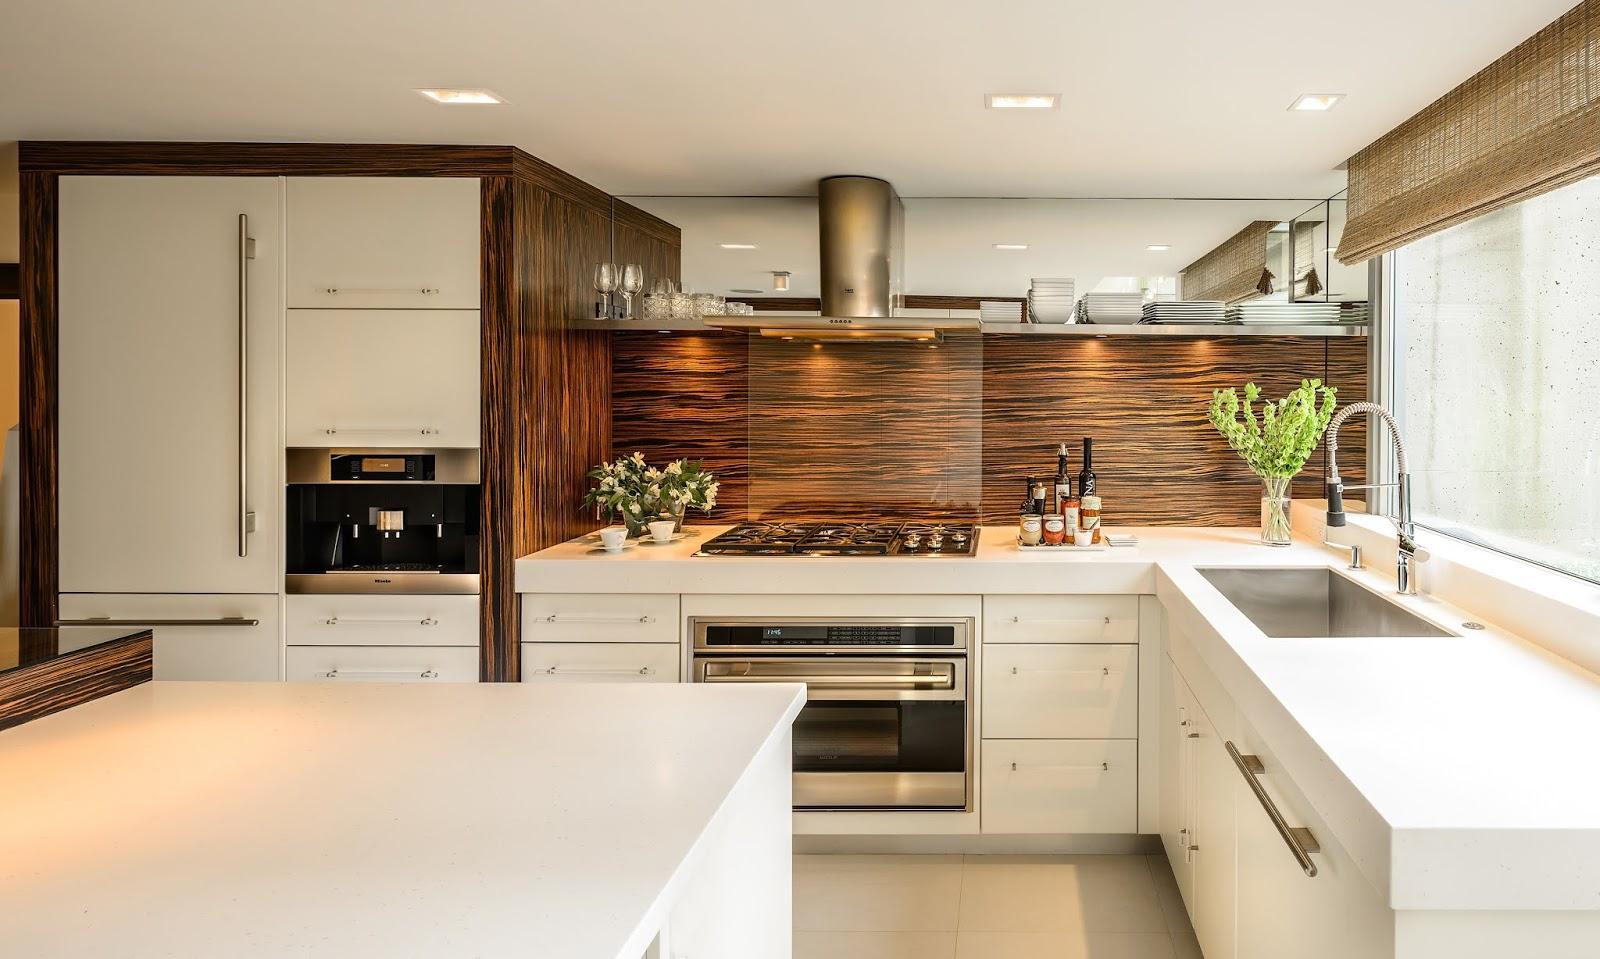 Patricia Gray | Interior Design Blog™: KITCHEN DESIGN IN VANCOUVER ...